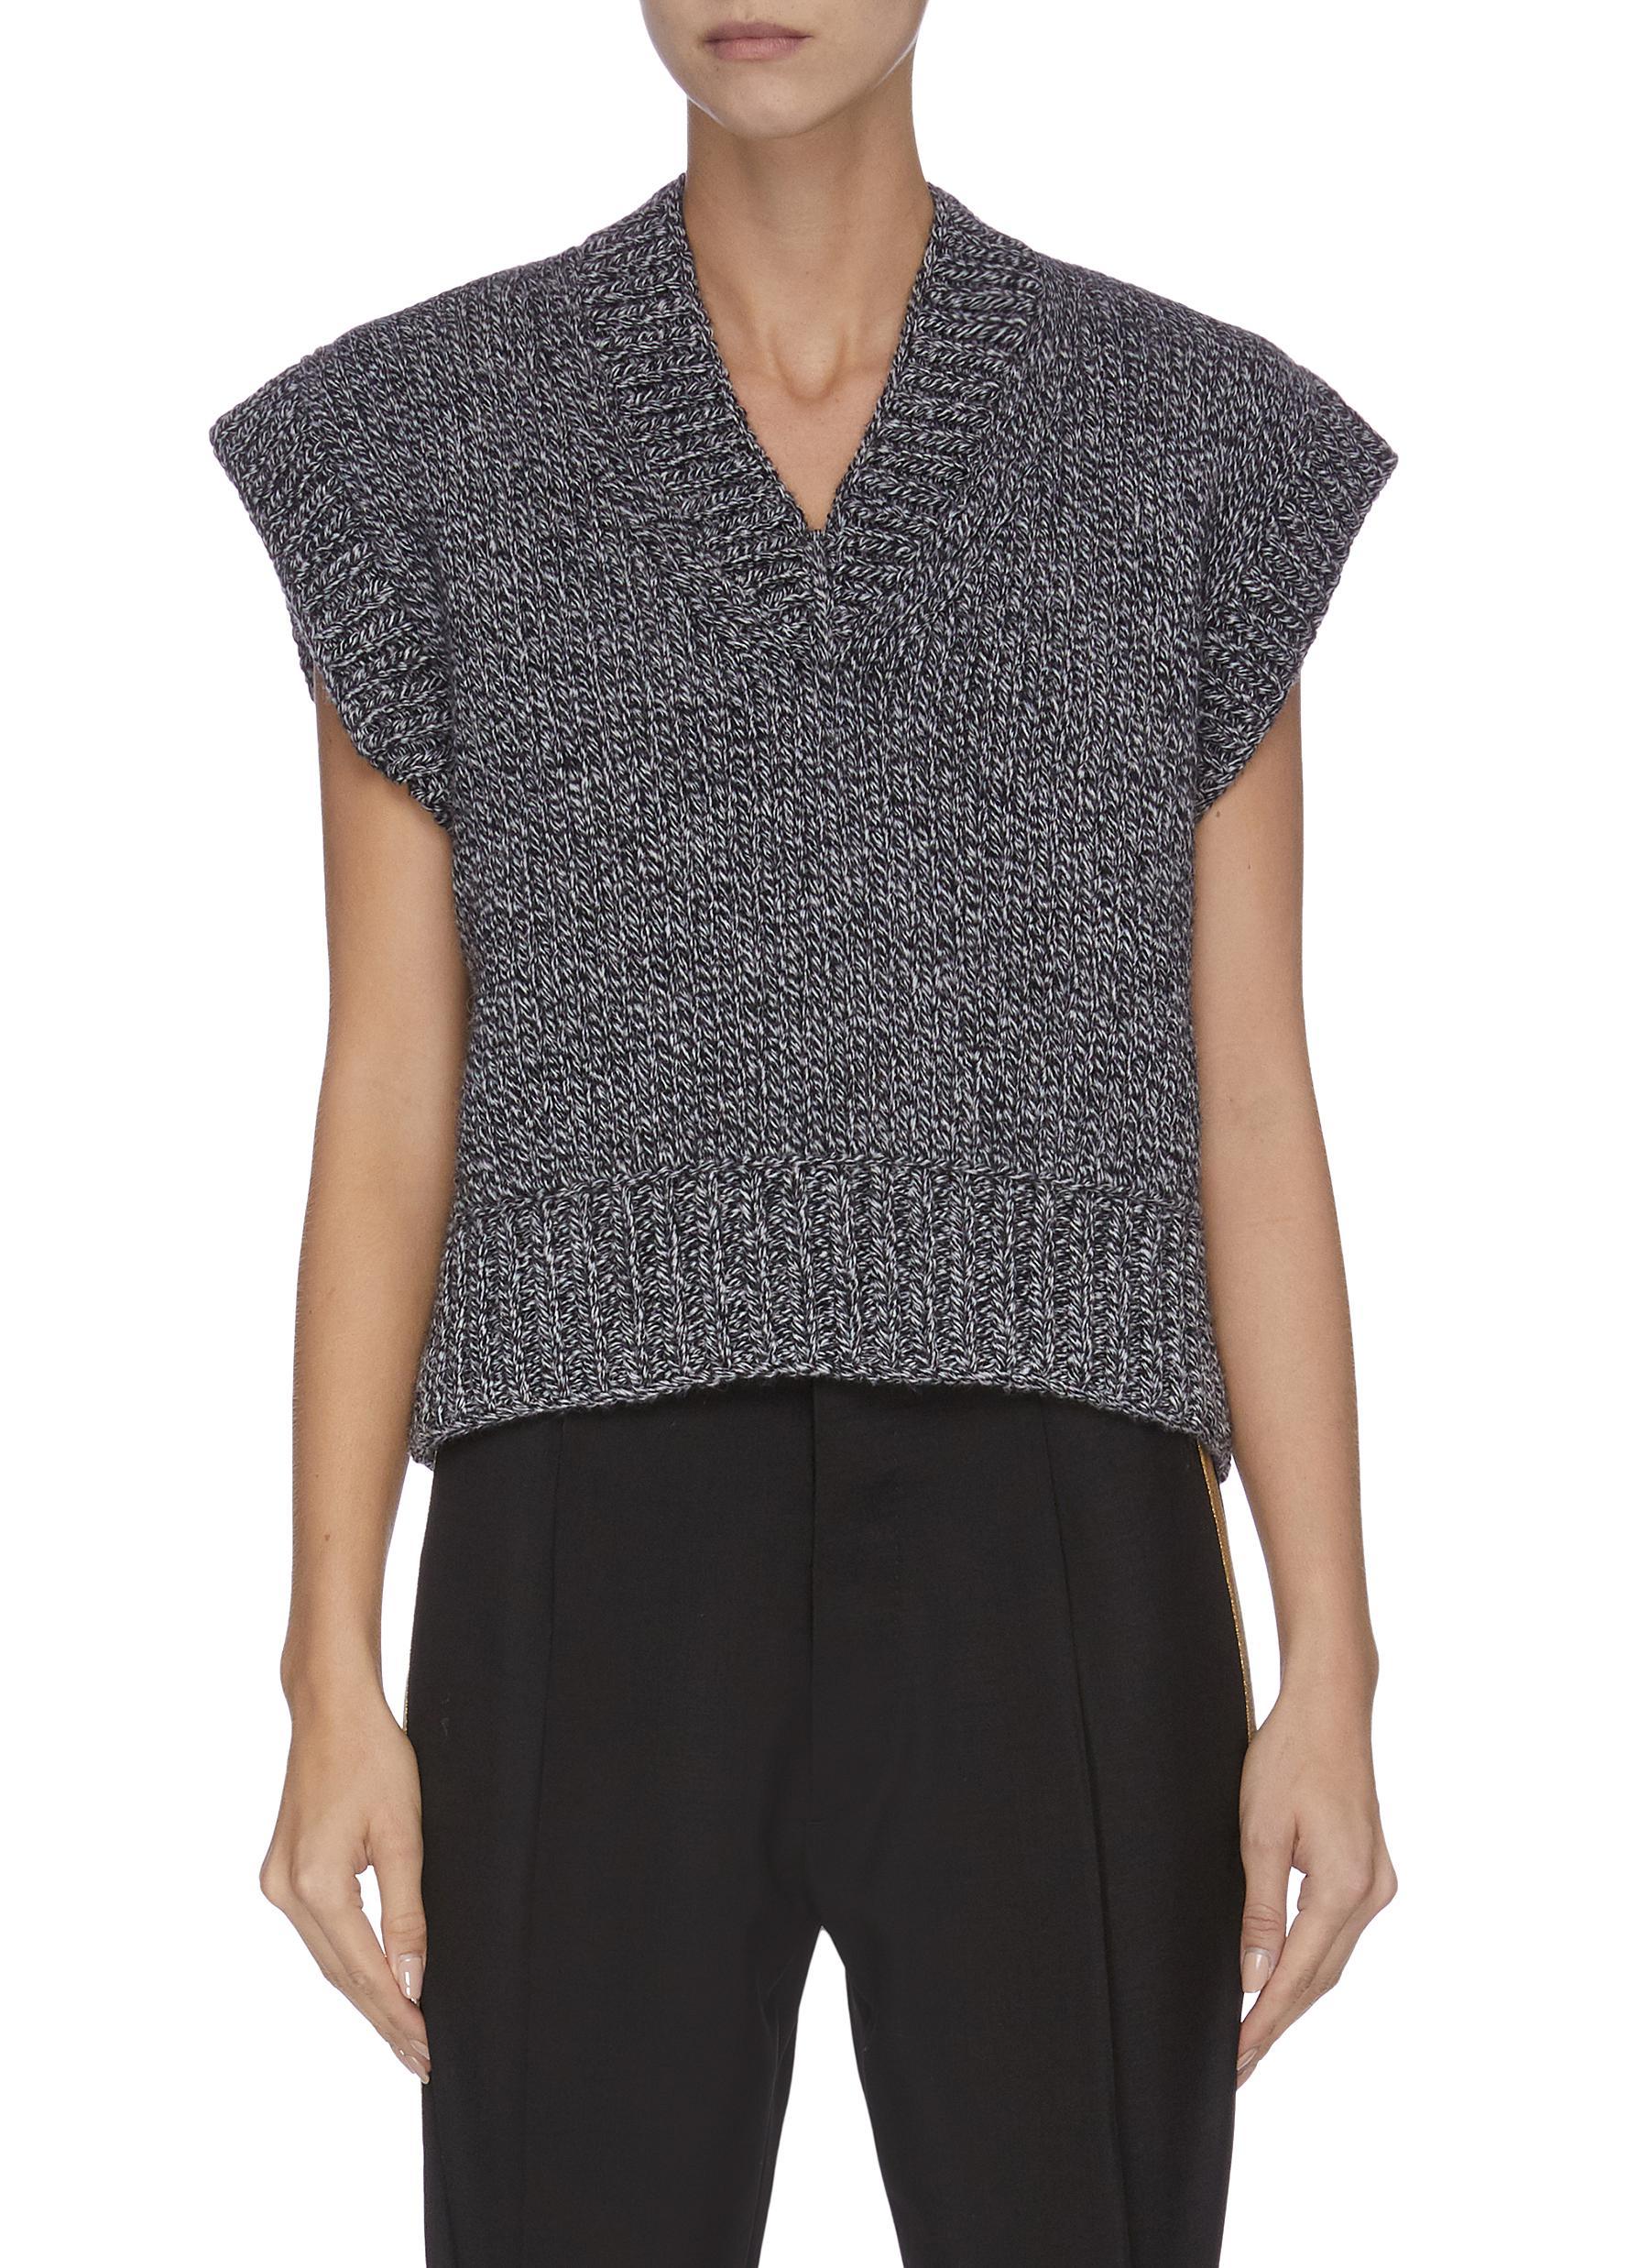 V neck peak shoulder marl knit vest by Maison Margiela